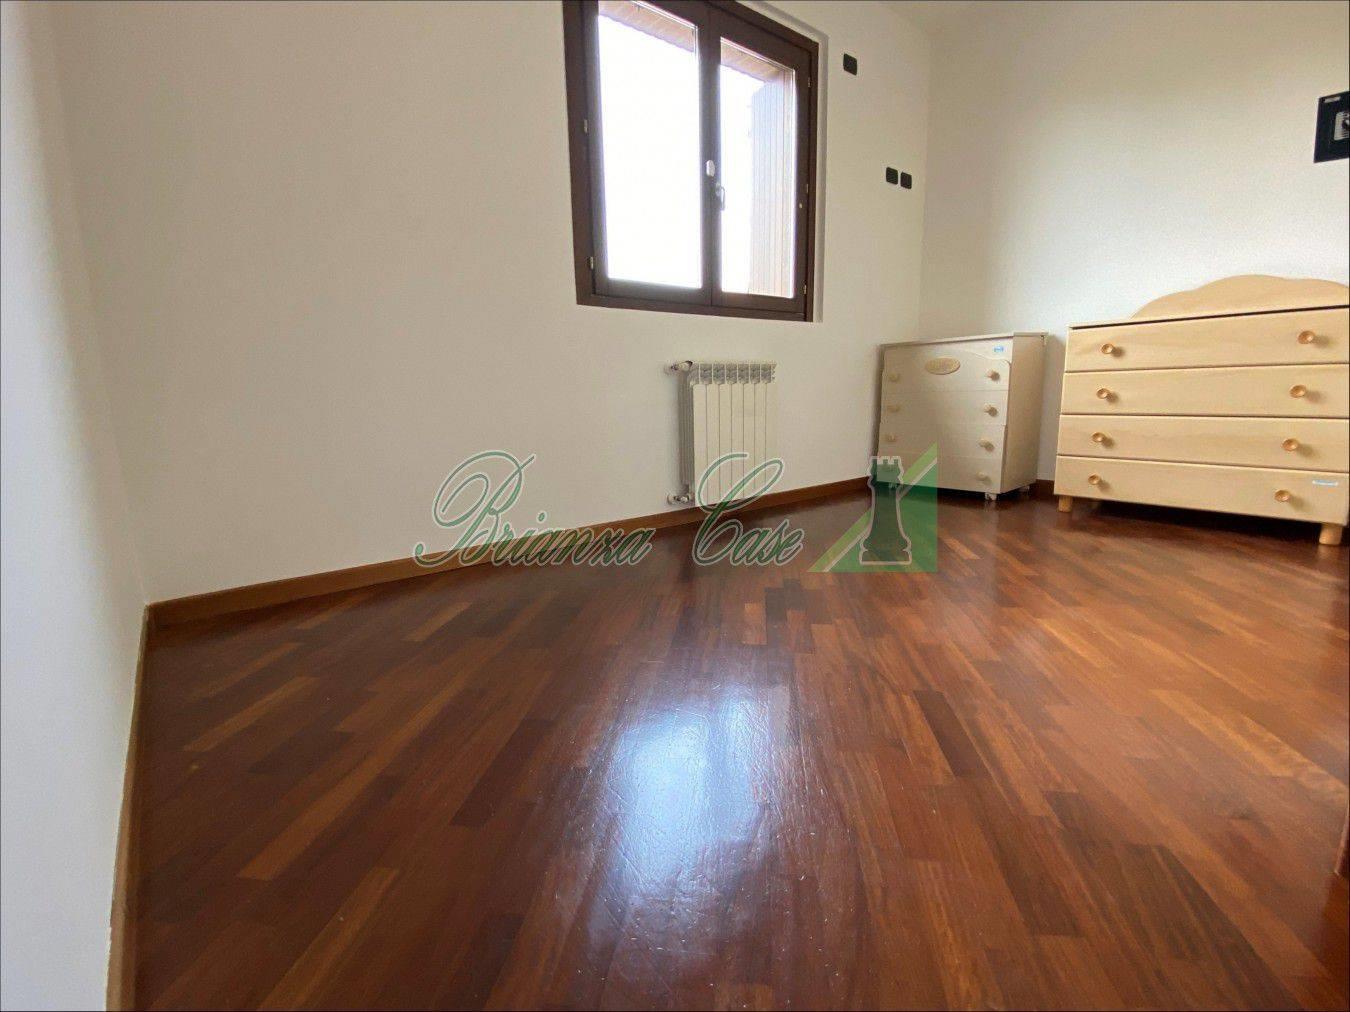 Foto 9 - Appartamento in Vendita - Arcore (Monza e Brianza)